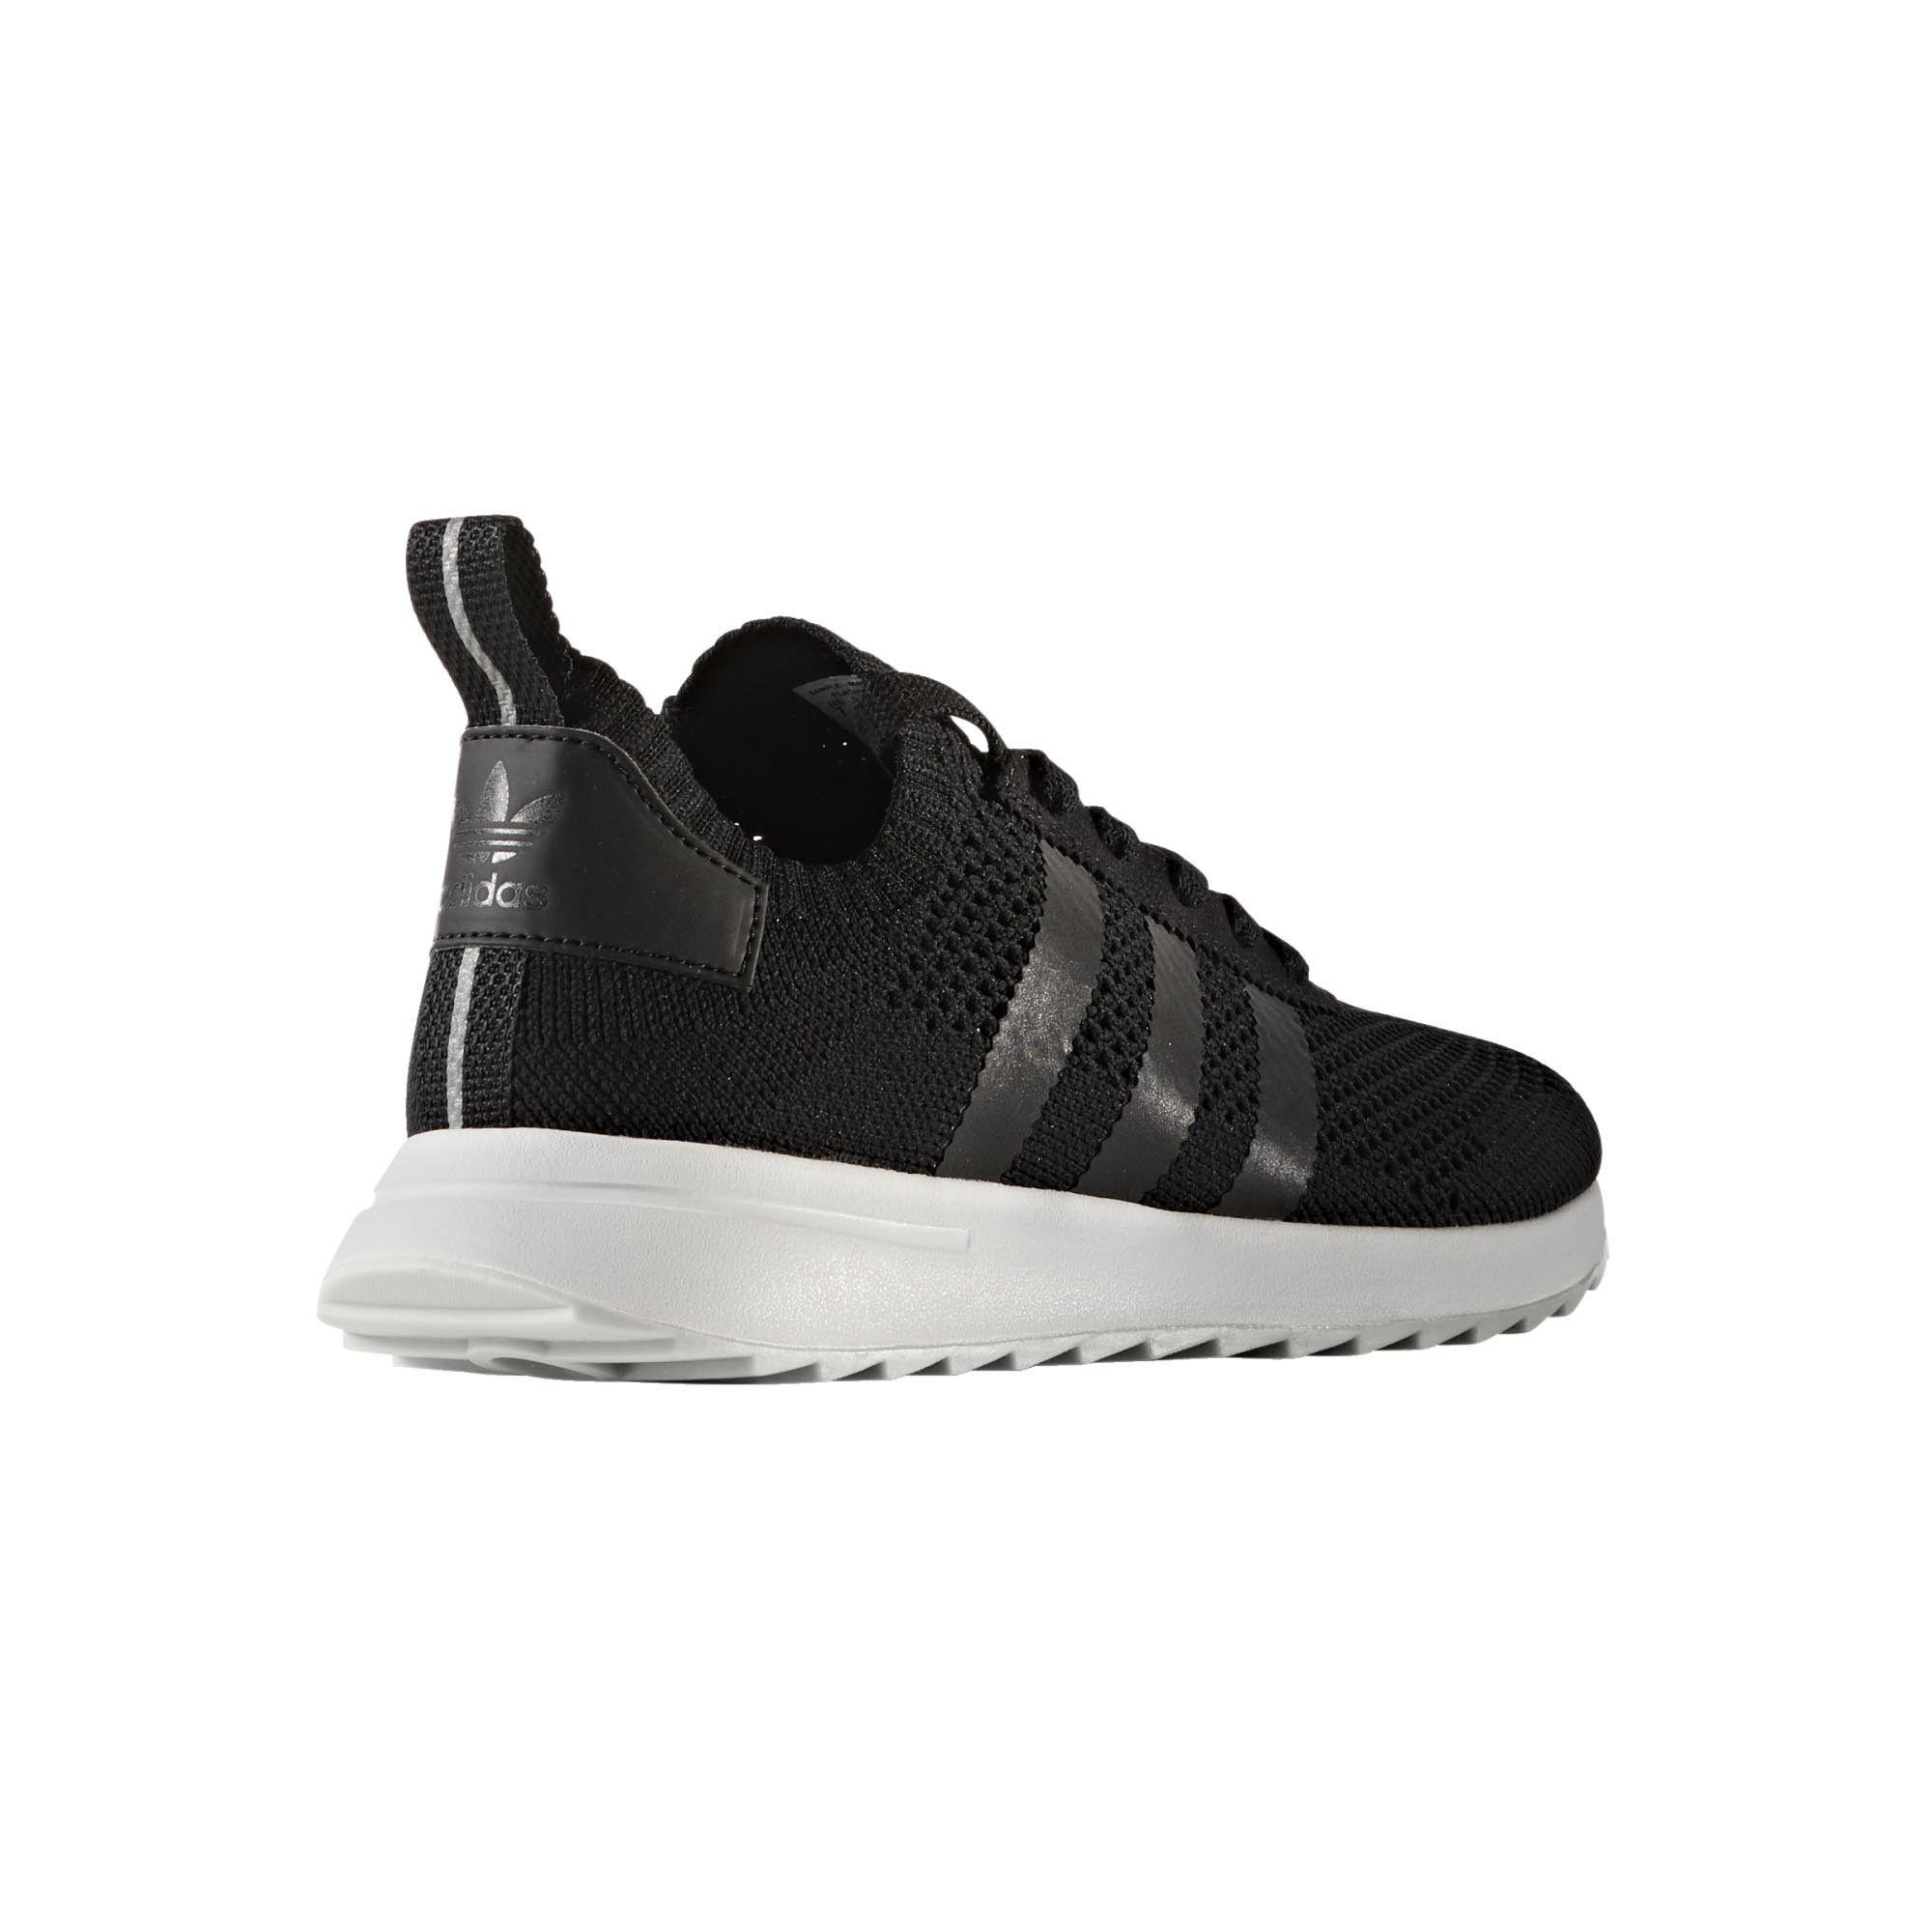 d503d744 Buty damskie adidas FLB W PK (BY2800) - 38 - 7081356638 - oficjalne ...